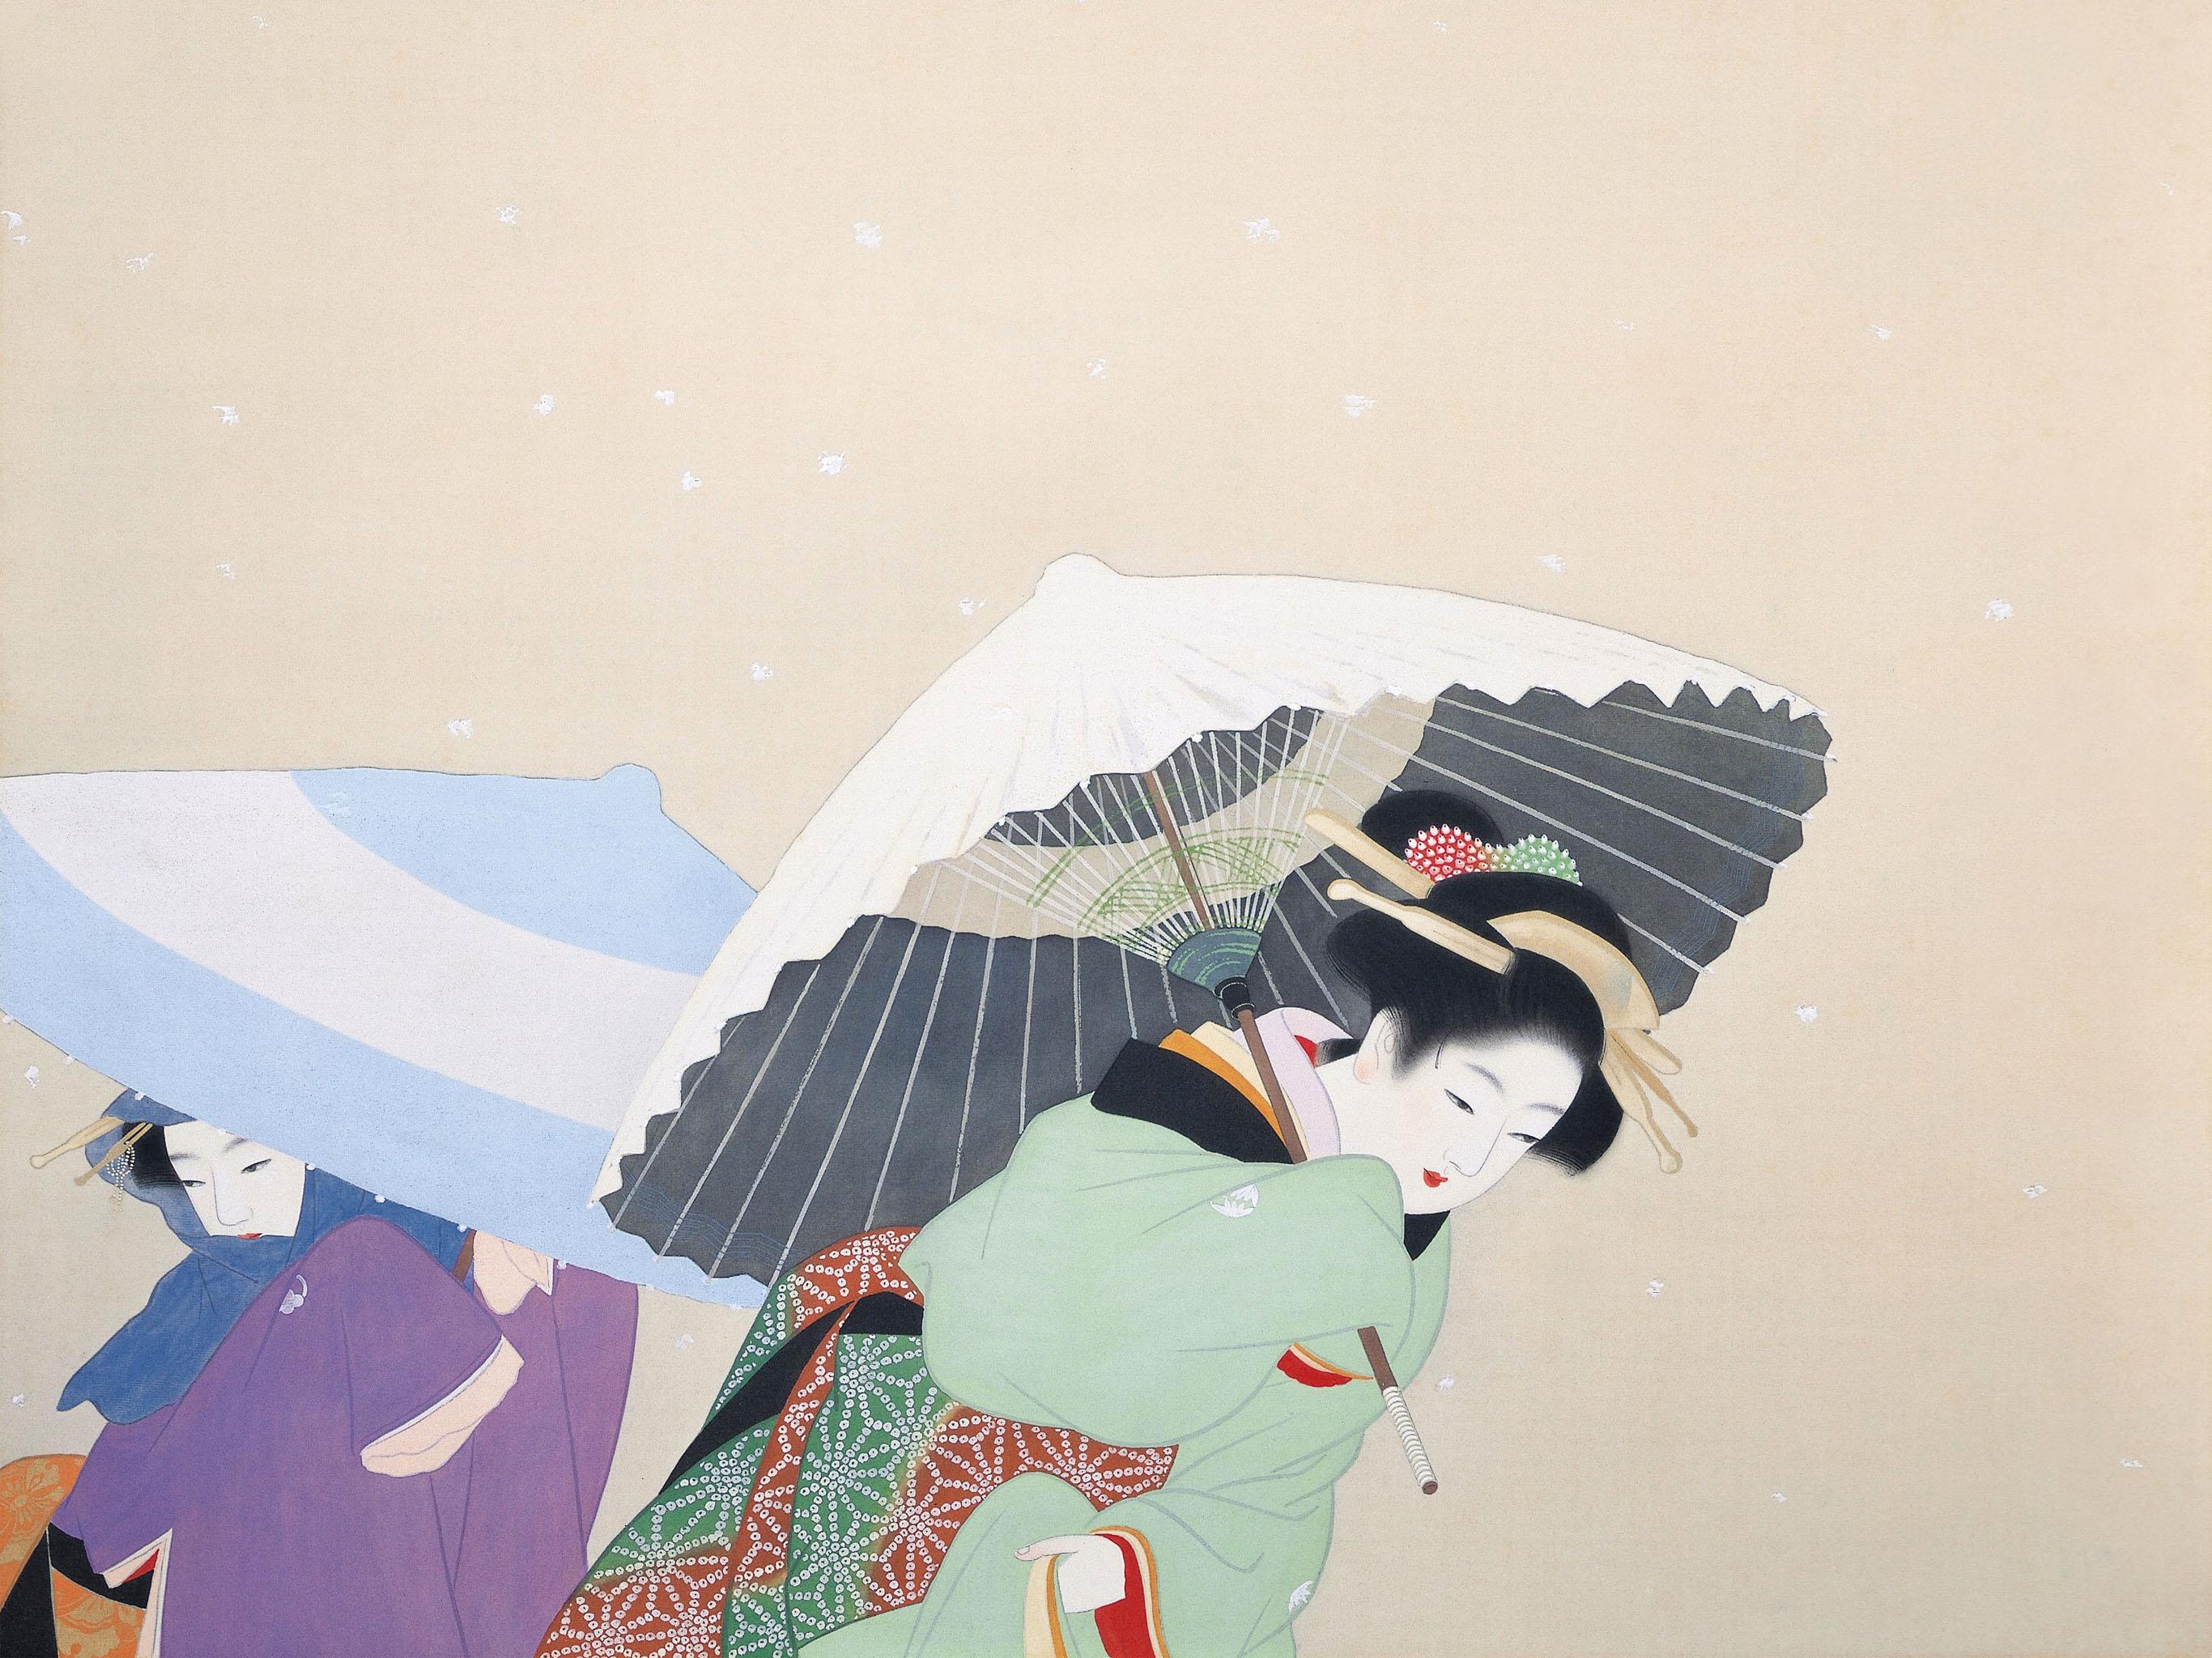 上村松園 牡丹雪 Uemura Shoen - Botan yuki 2732x2048